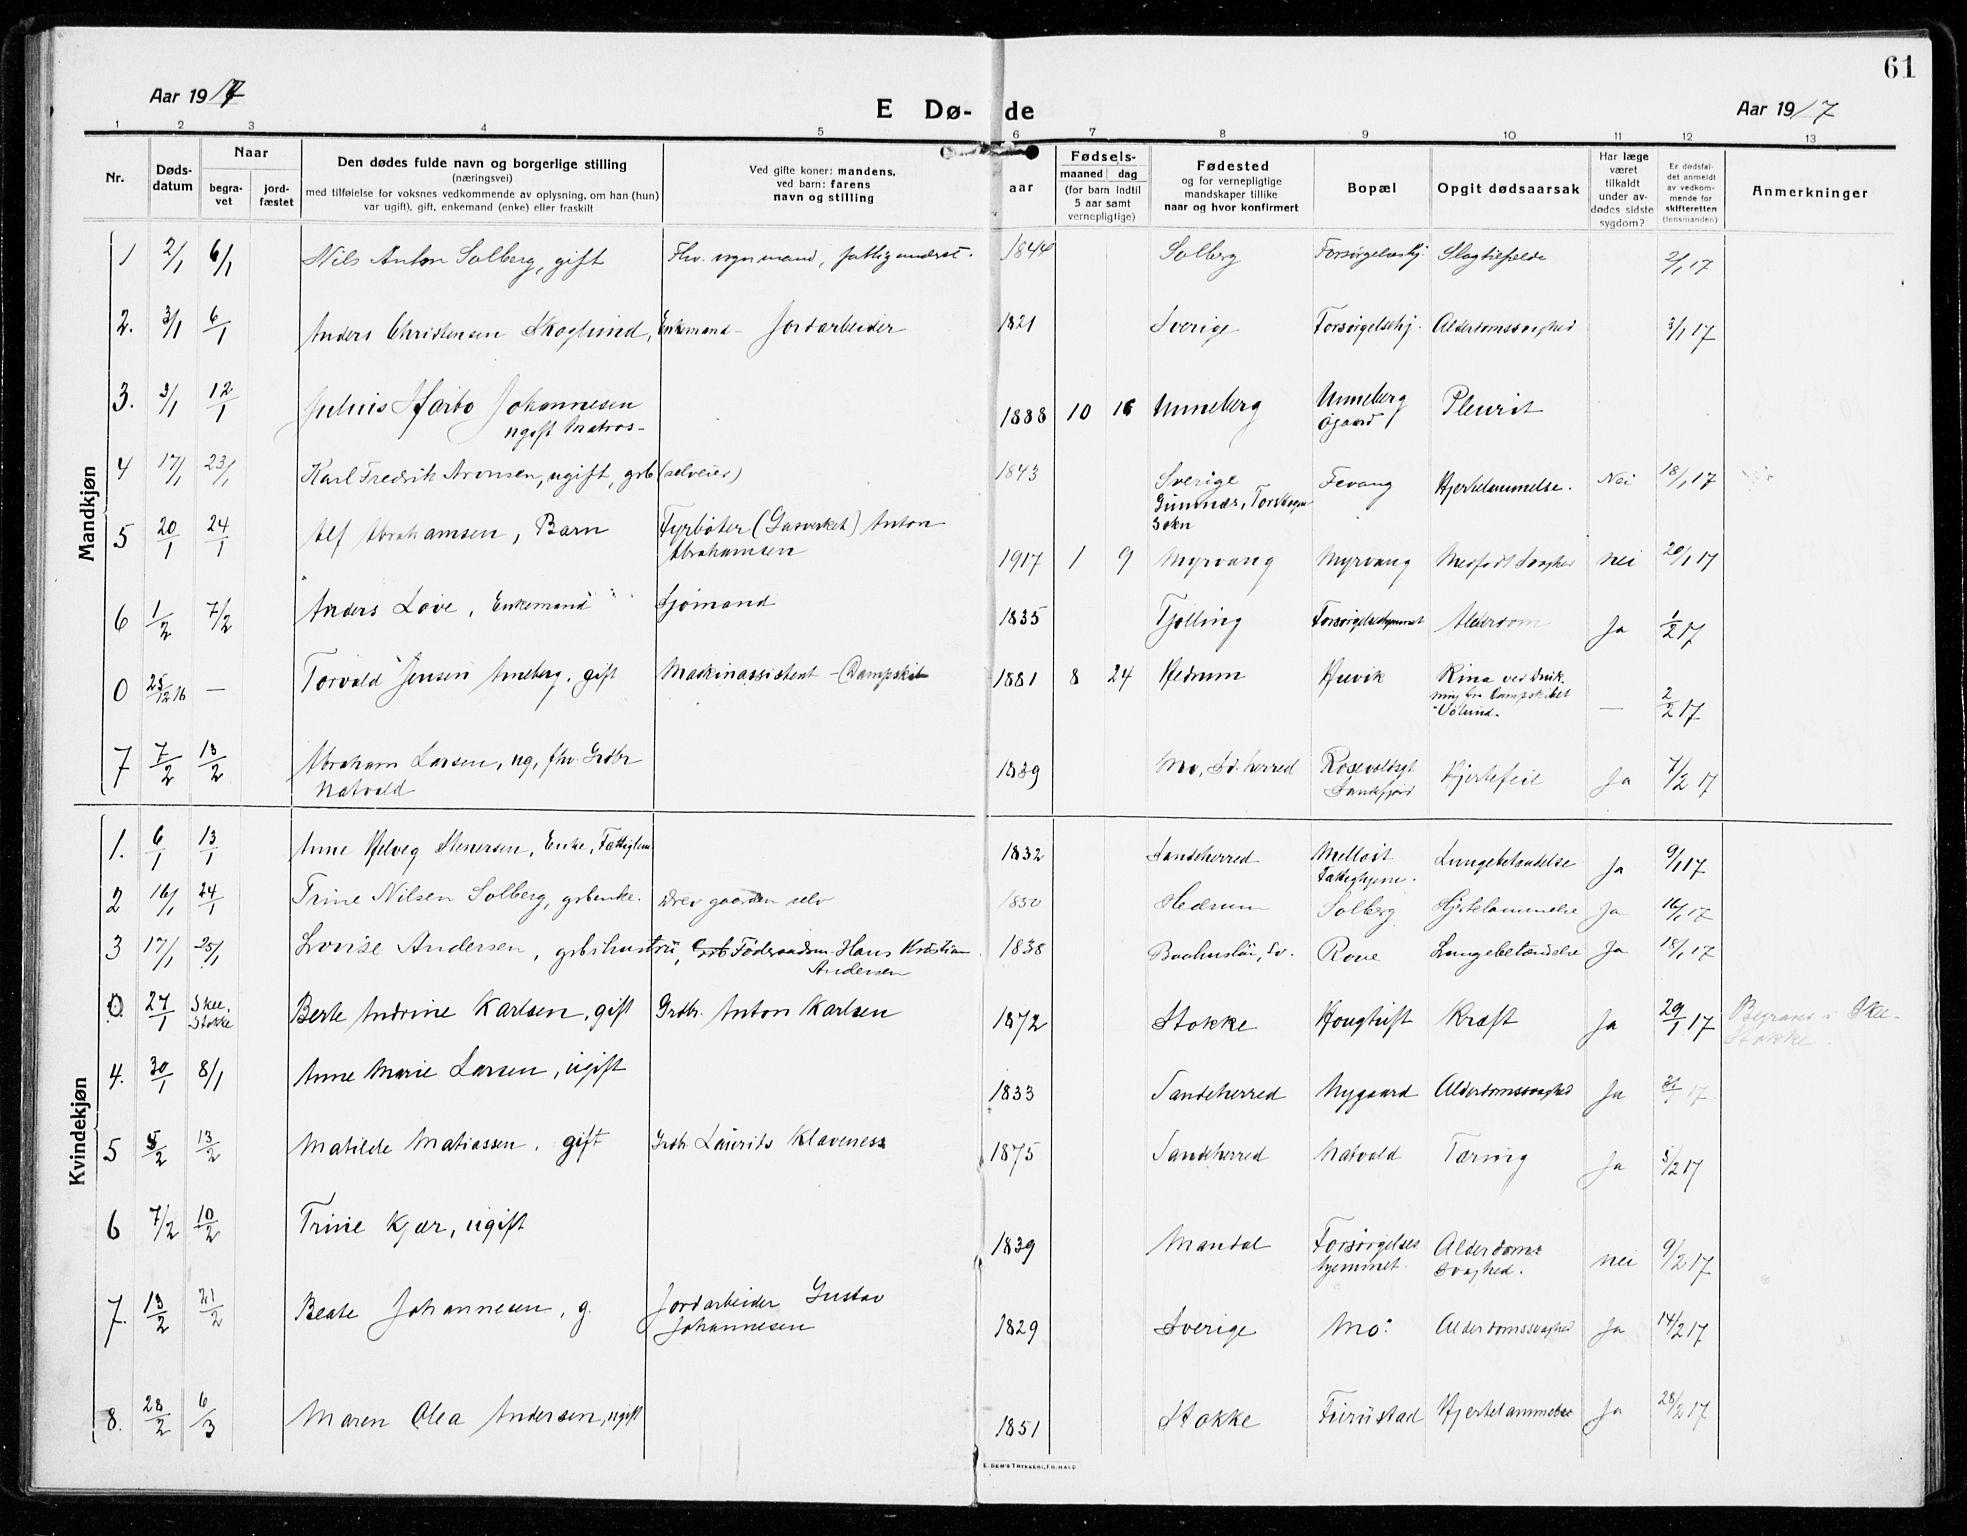 SAKO, Sandar kirkebøker, F/Fa/L0020: Ministerialbok nr. 20, 1915-1919, s. 61